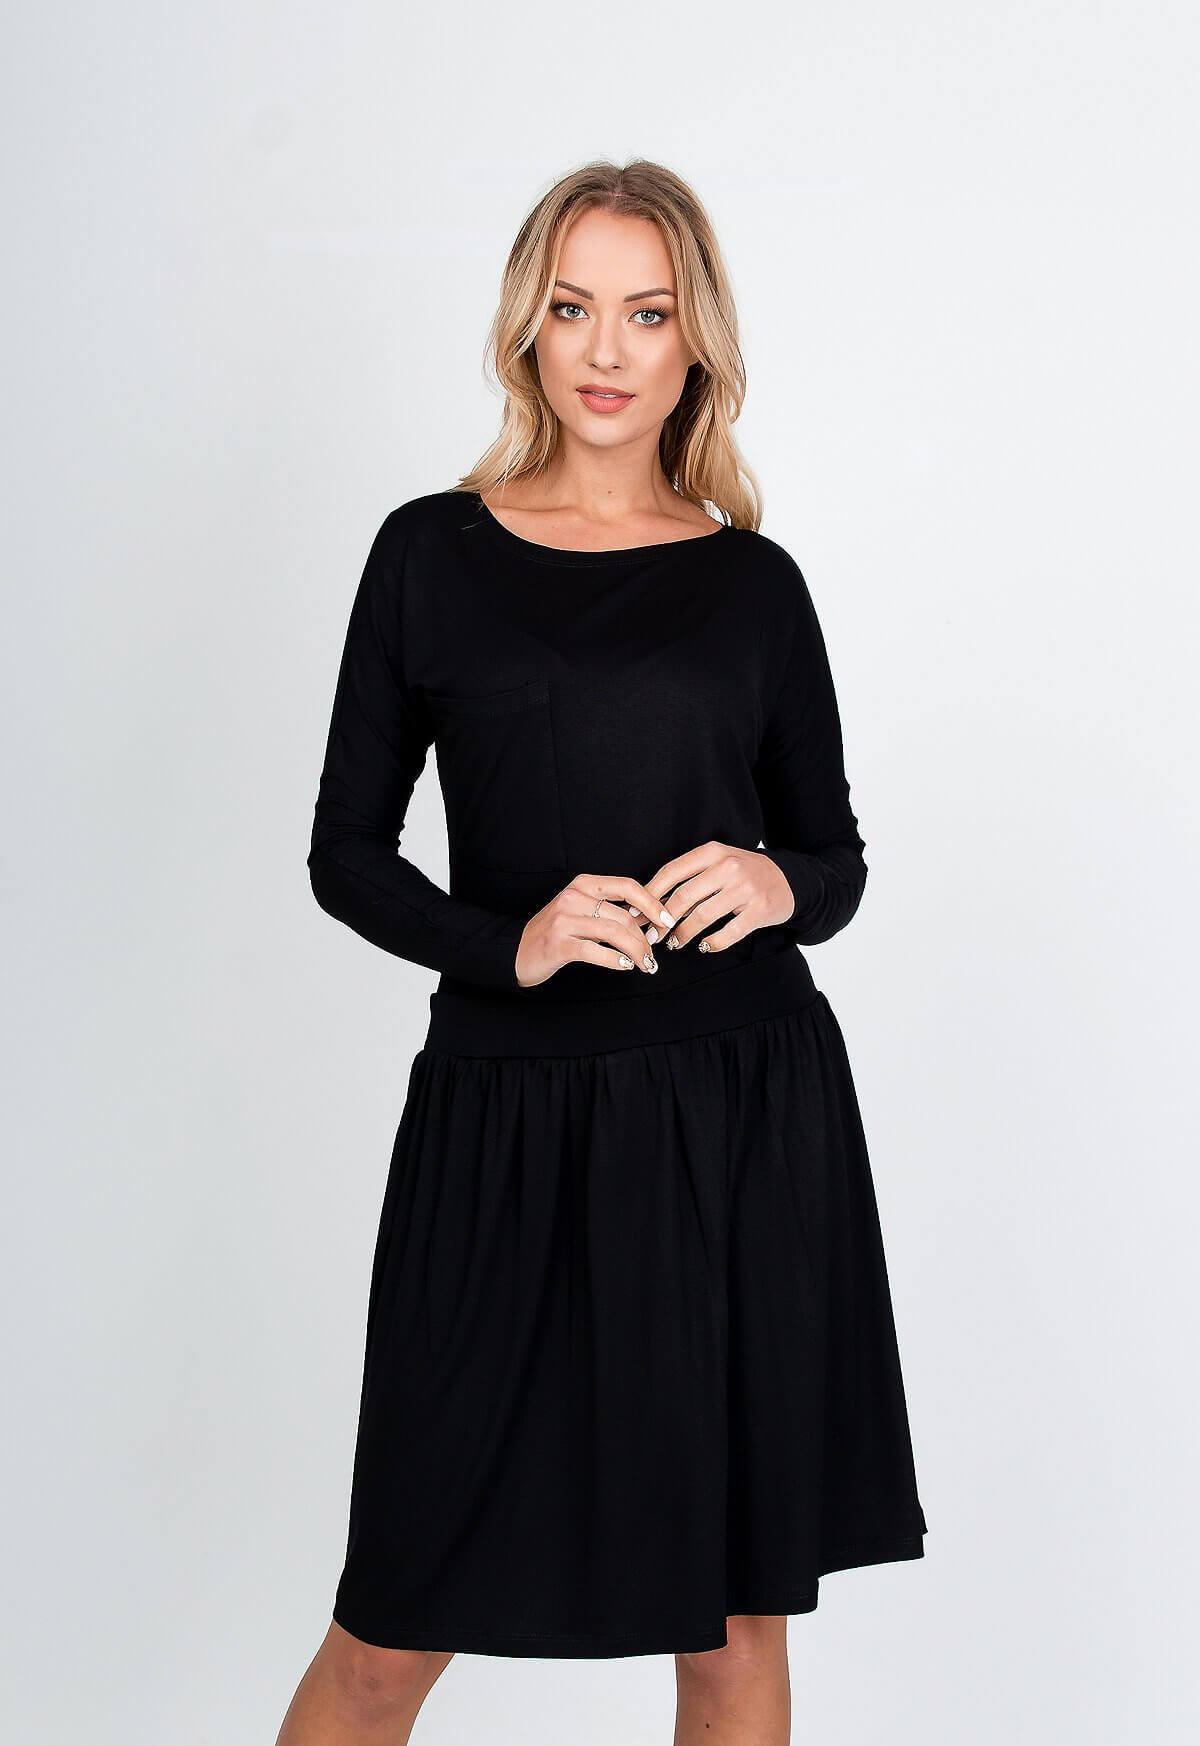 Polodlhé čierne šaty s dlhým rukávom - S